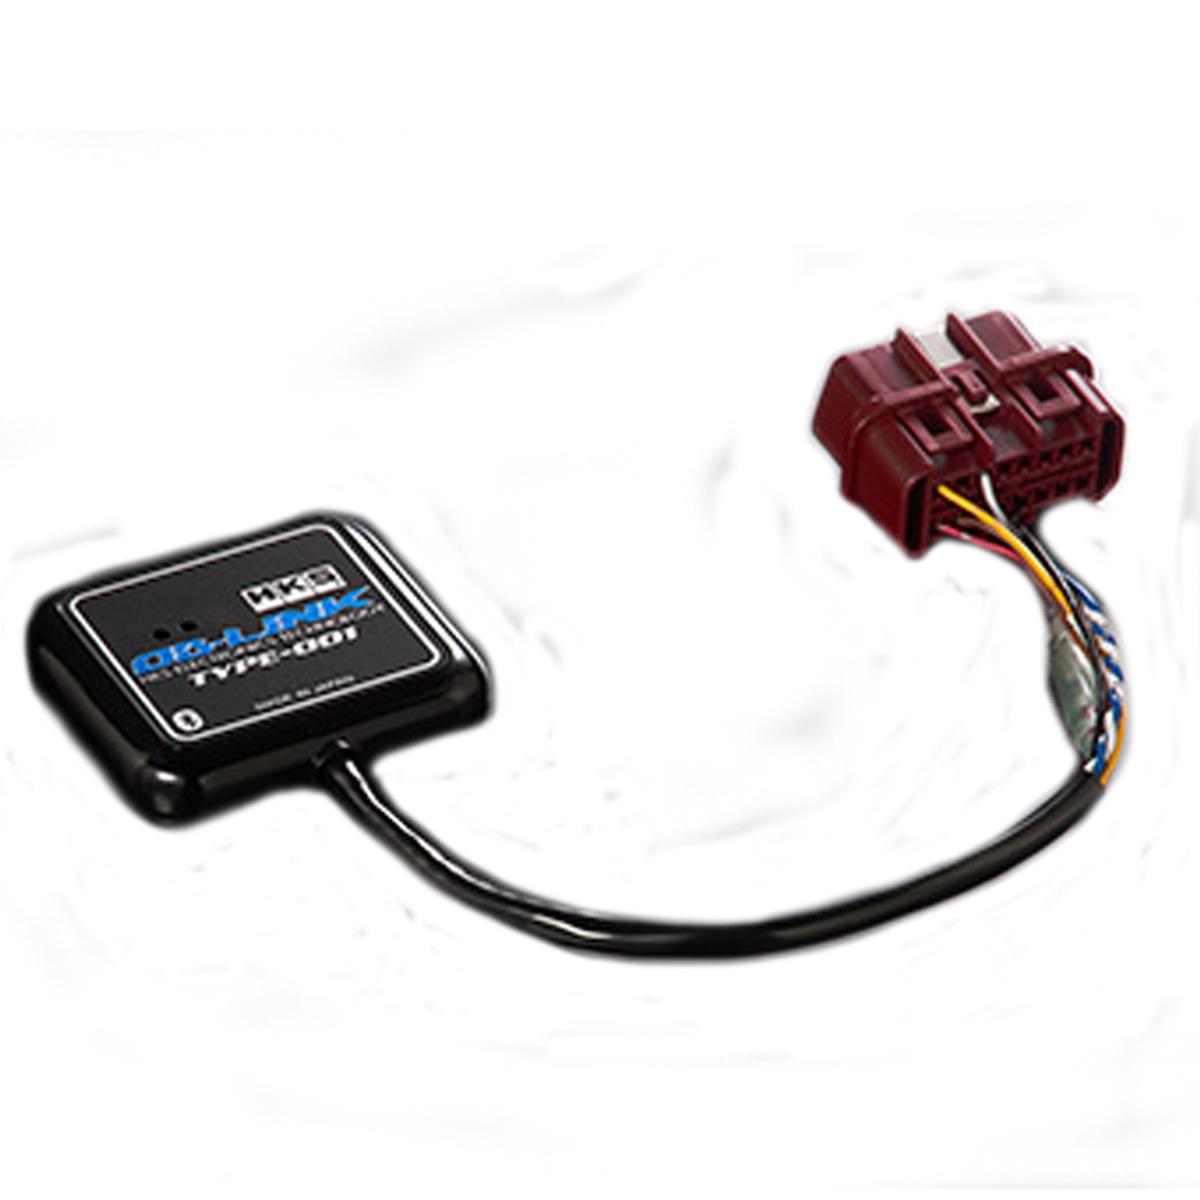 ハリアー モニター OBリンク タイプ 001 MCU36W HKS 44009-AK002 エレクトリニクス 個人宅発送追金有